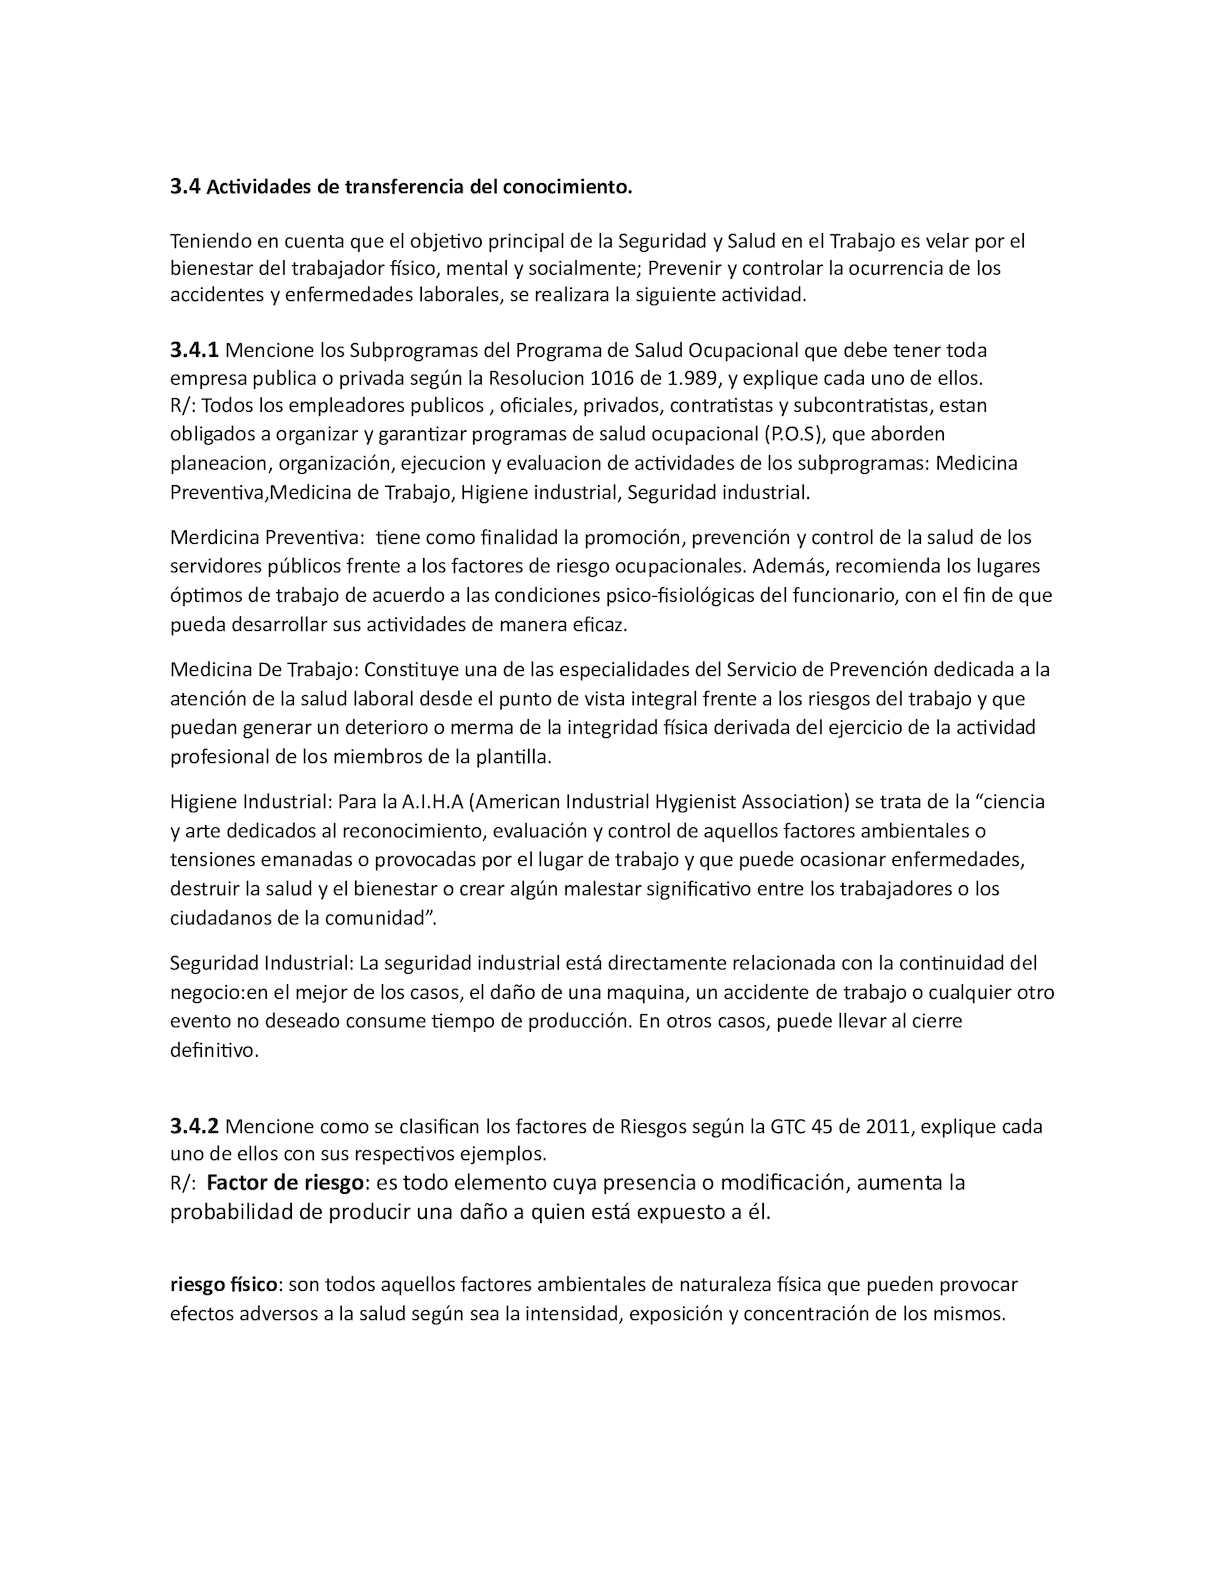 Calaméo - Salud Ocupacional 03 Sep